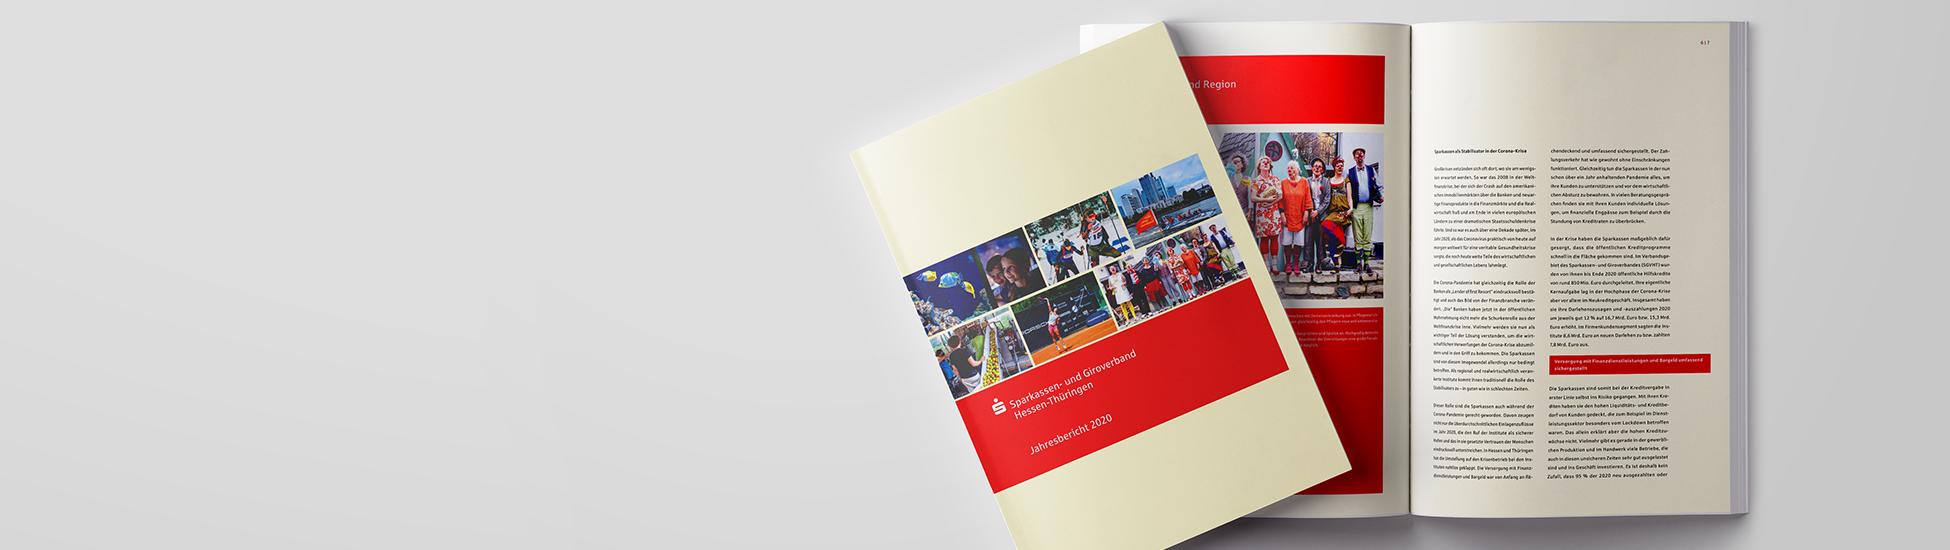 Der Jahresbericht des Sparkassen- und Giroverbandes ist erschienen